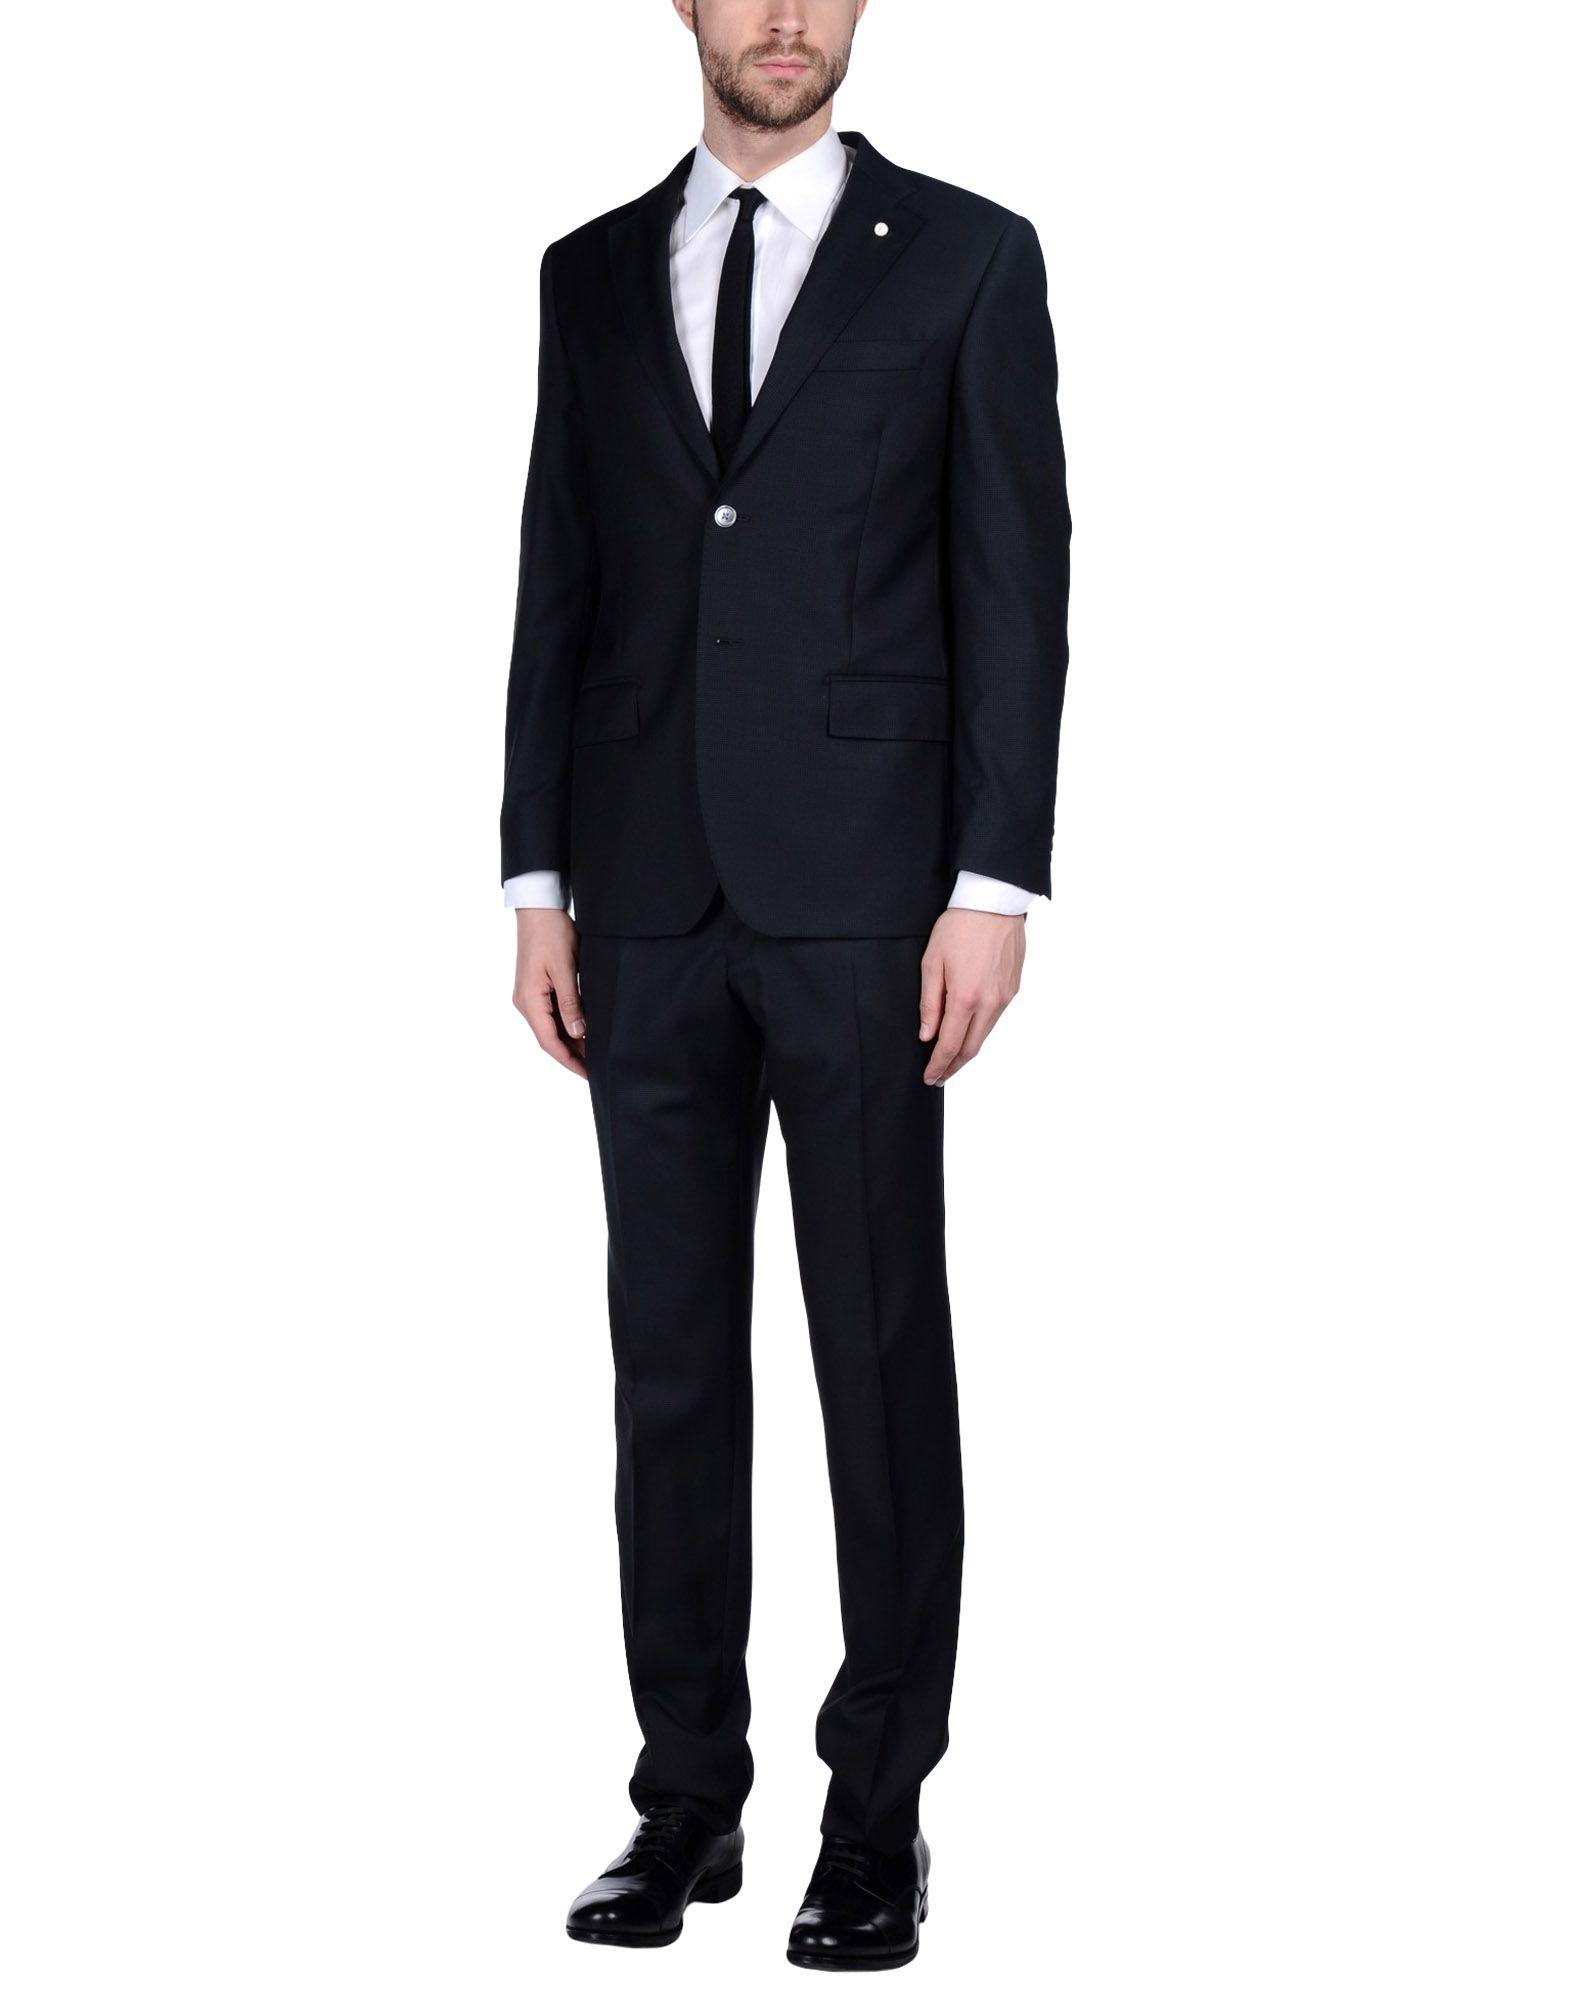 LUIGI BIANCHI Mantova Herren Anzug Farbe Schwarz Größe 6 jetztbilligerkaufen